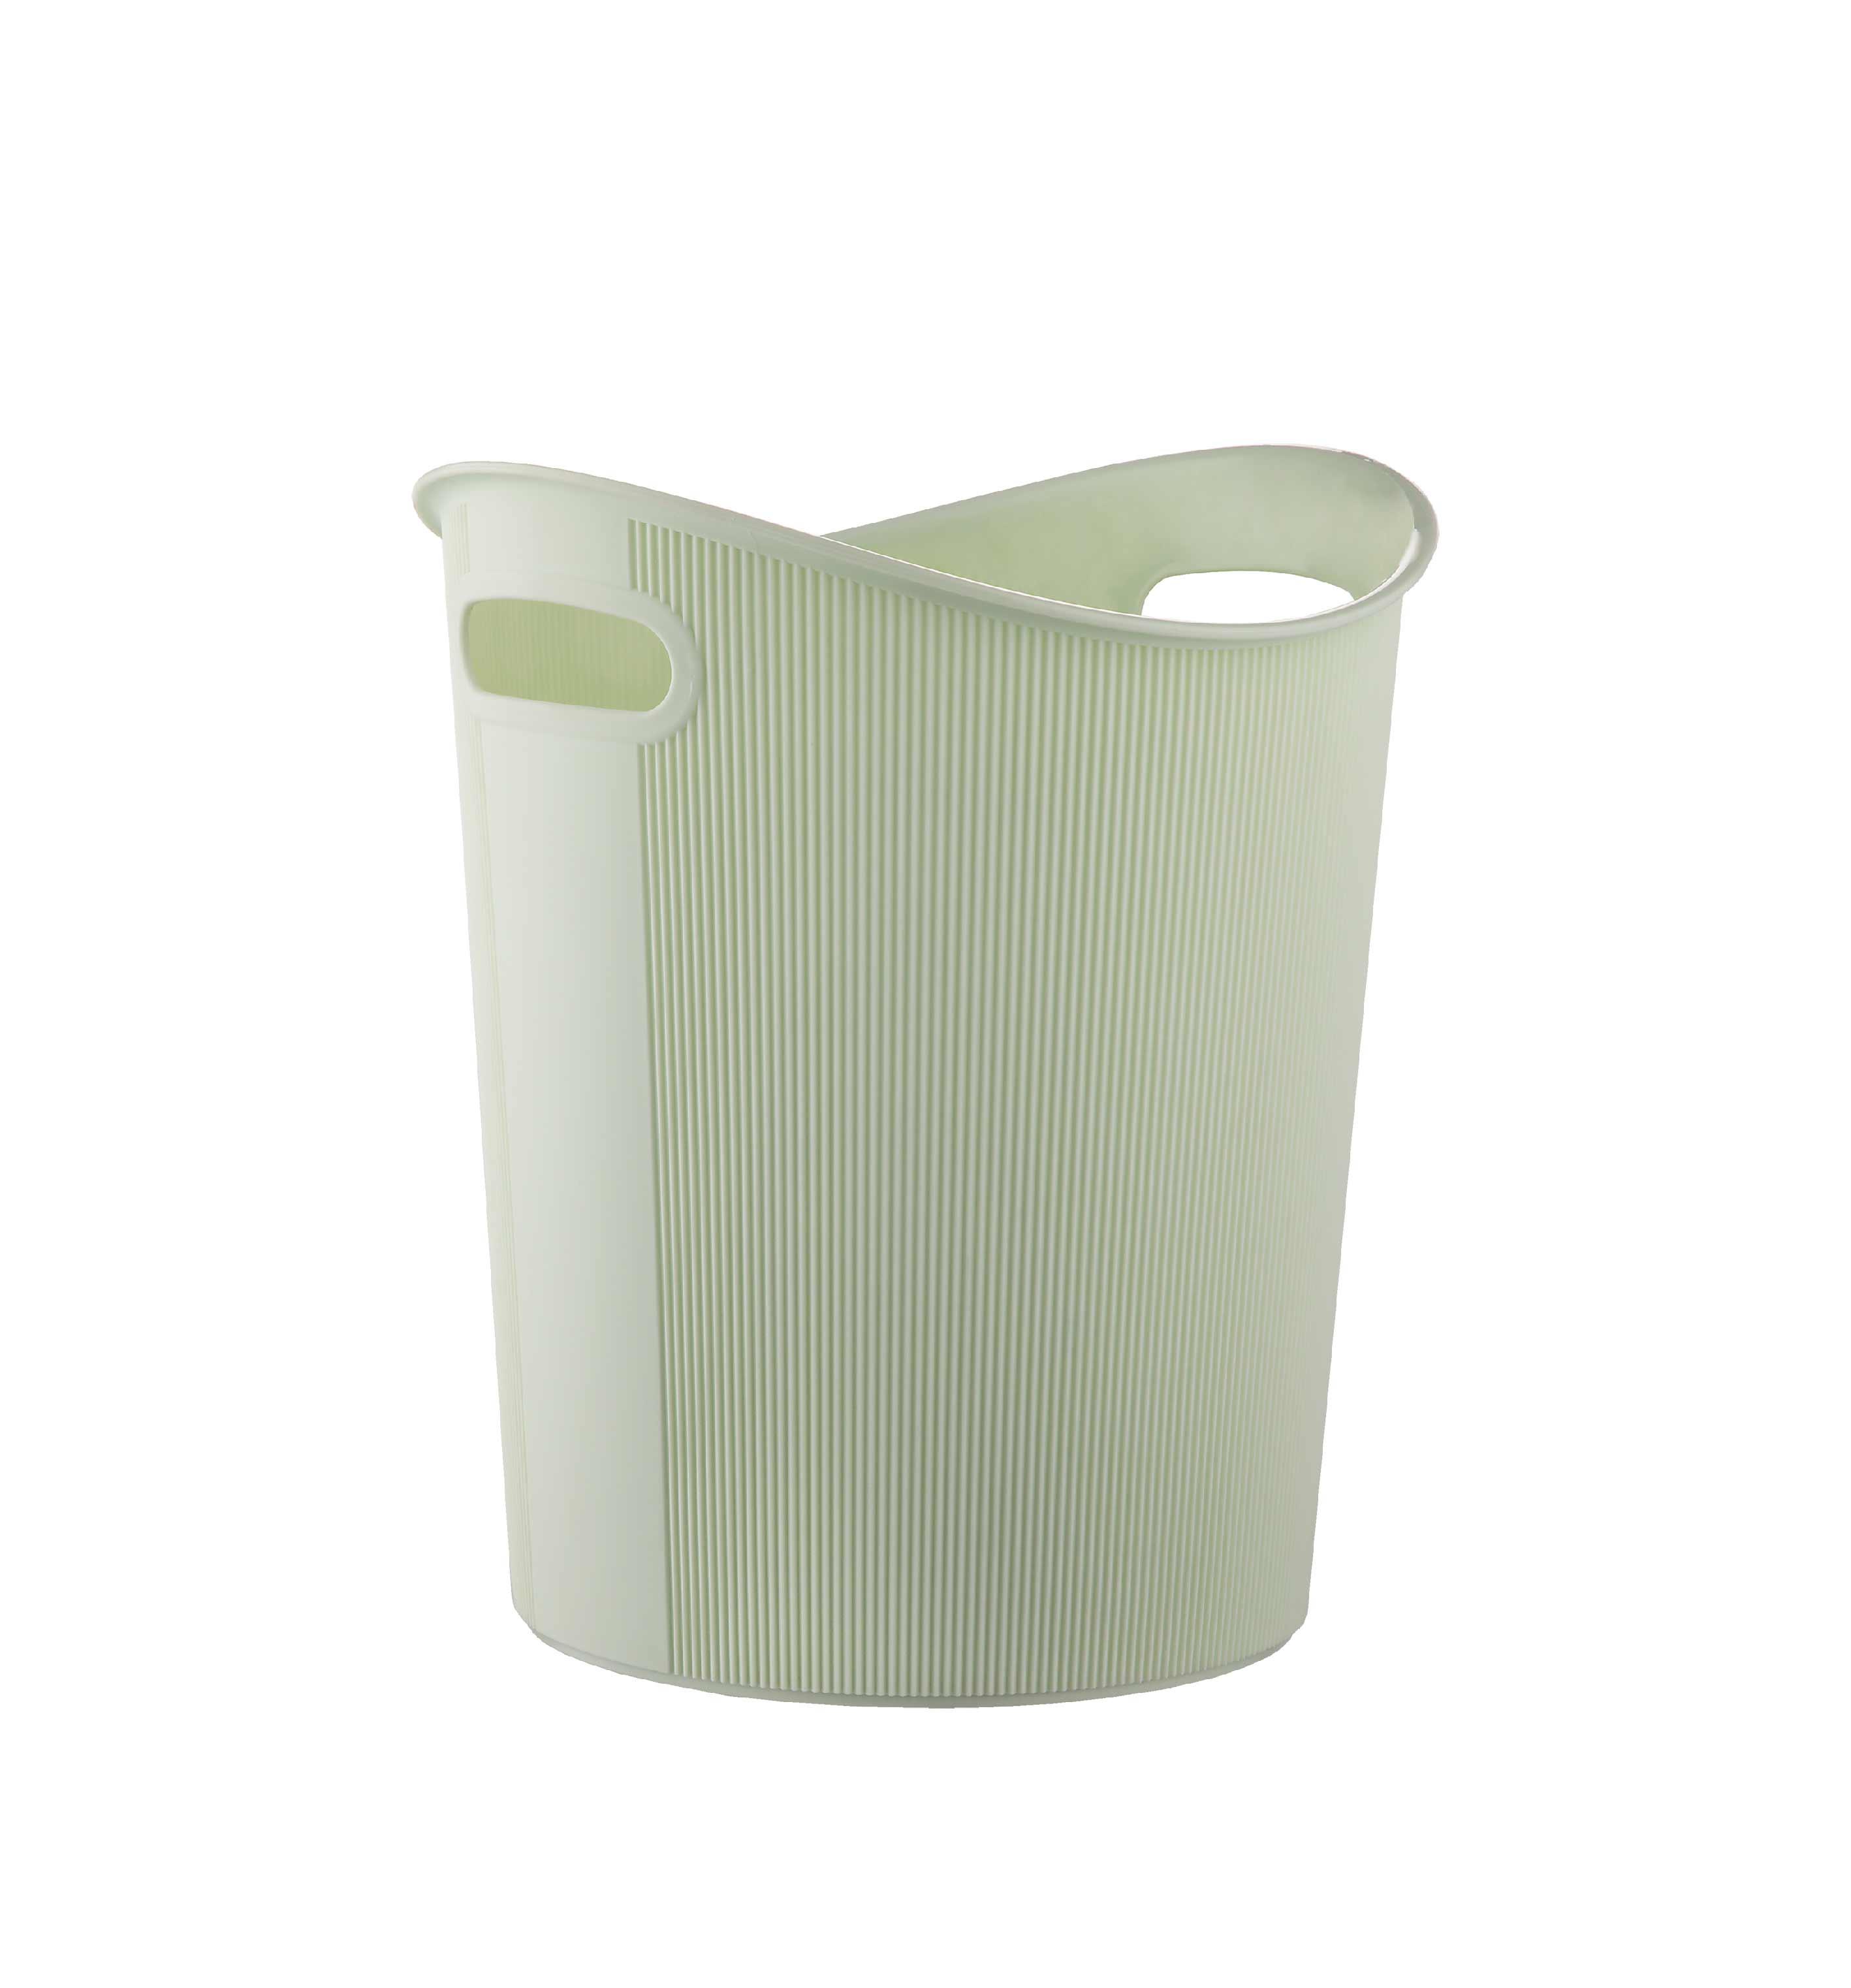 سطل کاغذ شیاردار کوچک